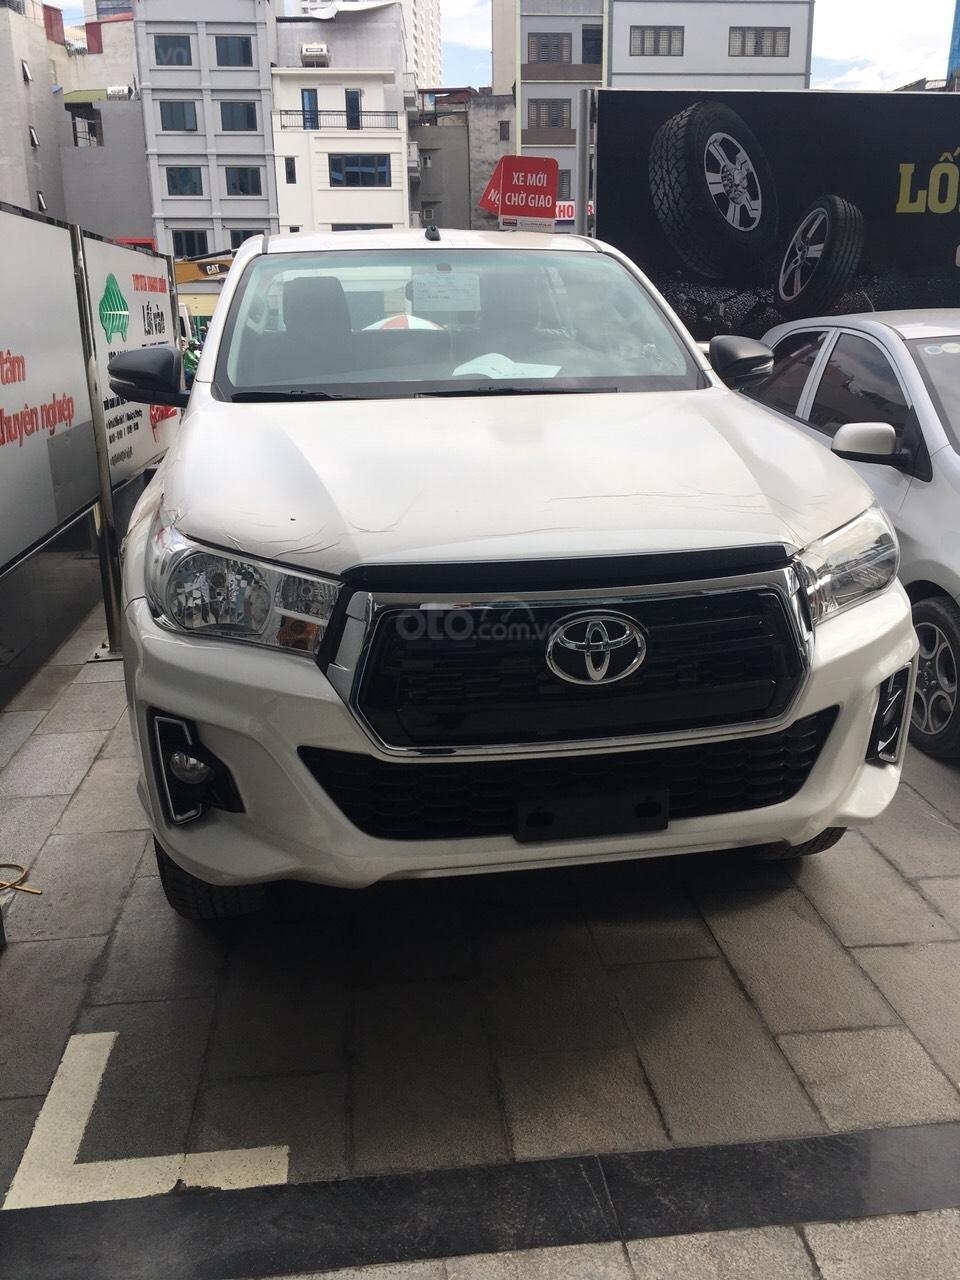 Mua bán Toyota Hilux giá rẻ nhất, giảm ngay tiền mặt, tặng phụ kiện, hỗ trợ trả góp 80%, LH: 0945 446 186 (1)